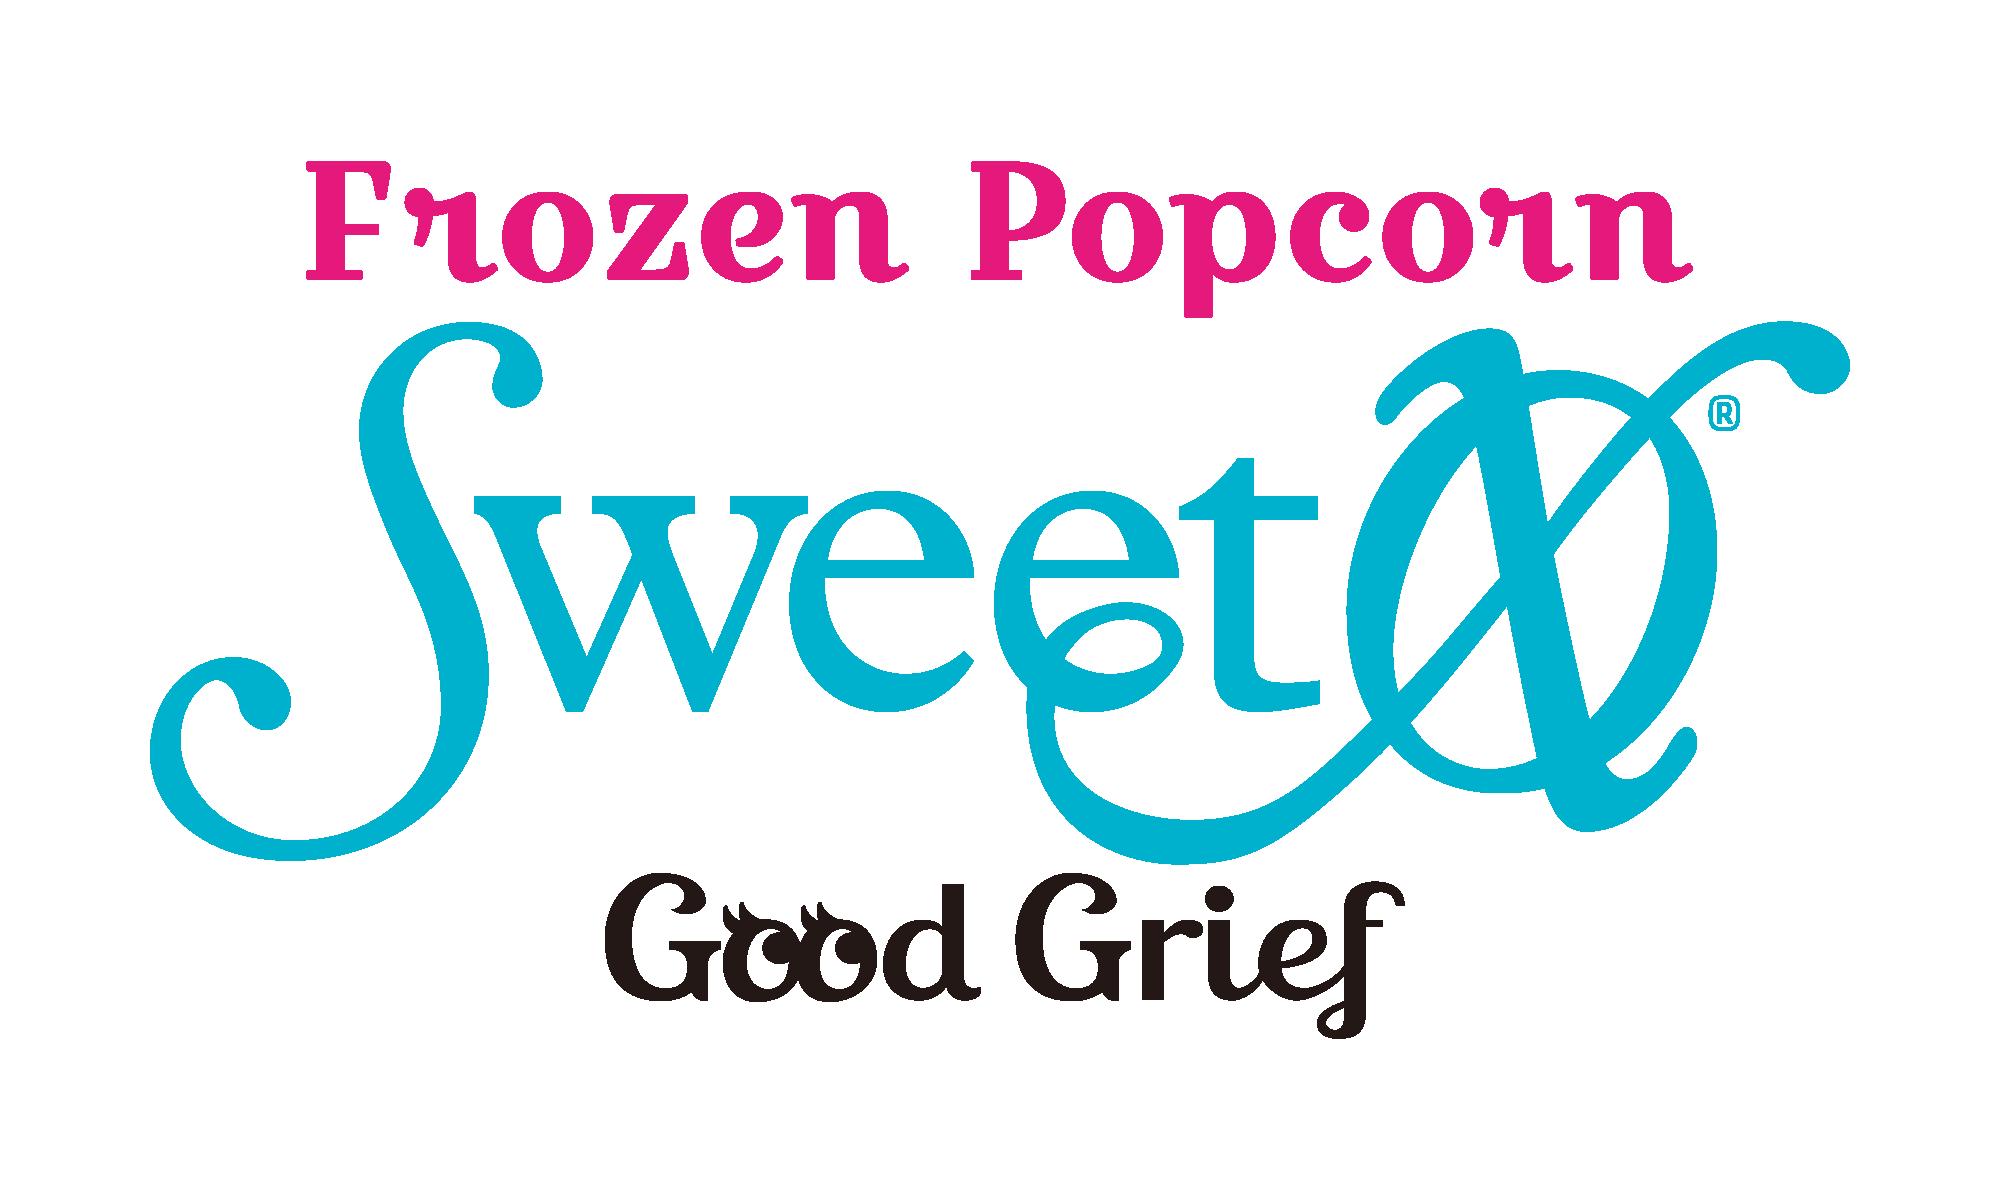 カリフォルニア発の大人気スイーツセレクトショップ『SweetXO Good Grief』|フローズン・ポップコーン専門店